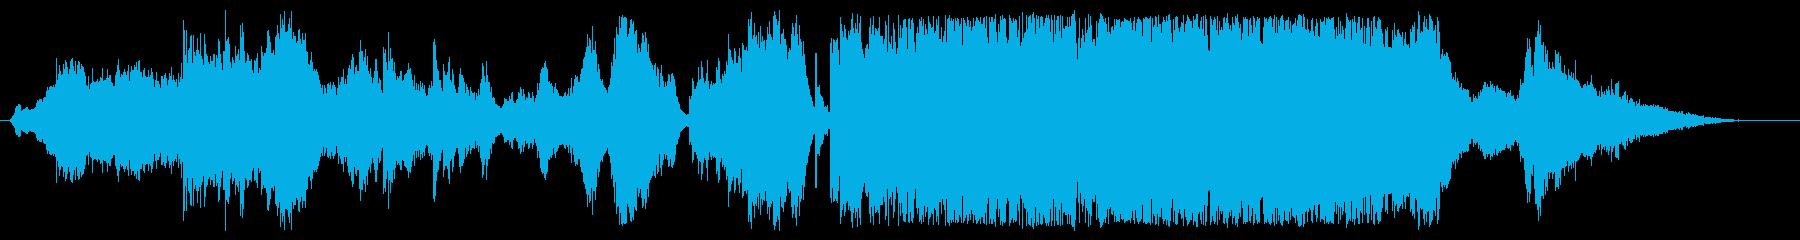 ハープが鮮やかなファンタジーの再生済みの波形